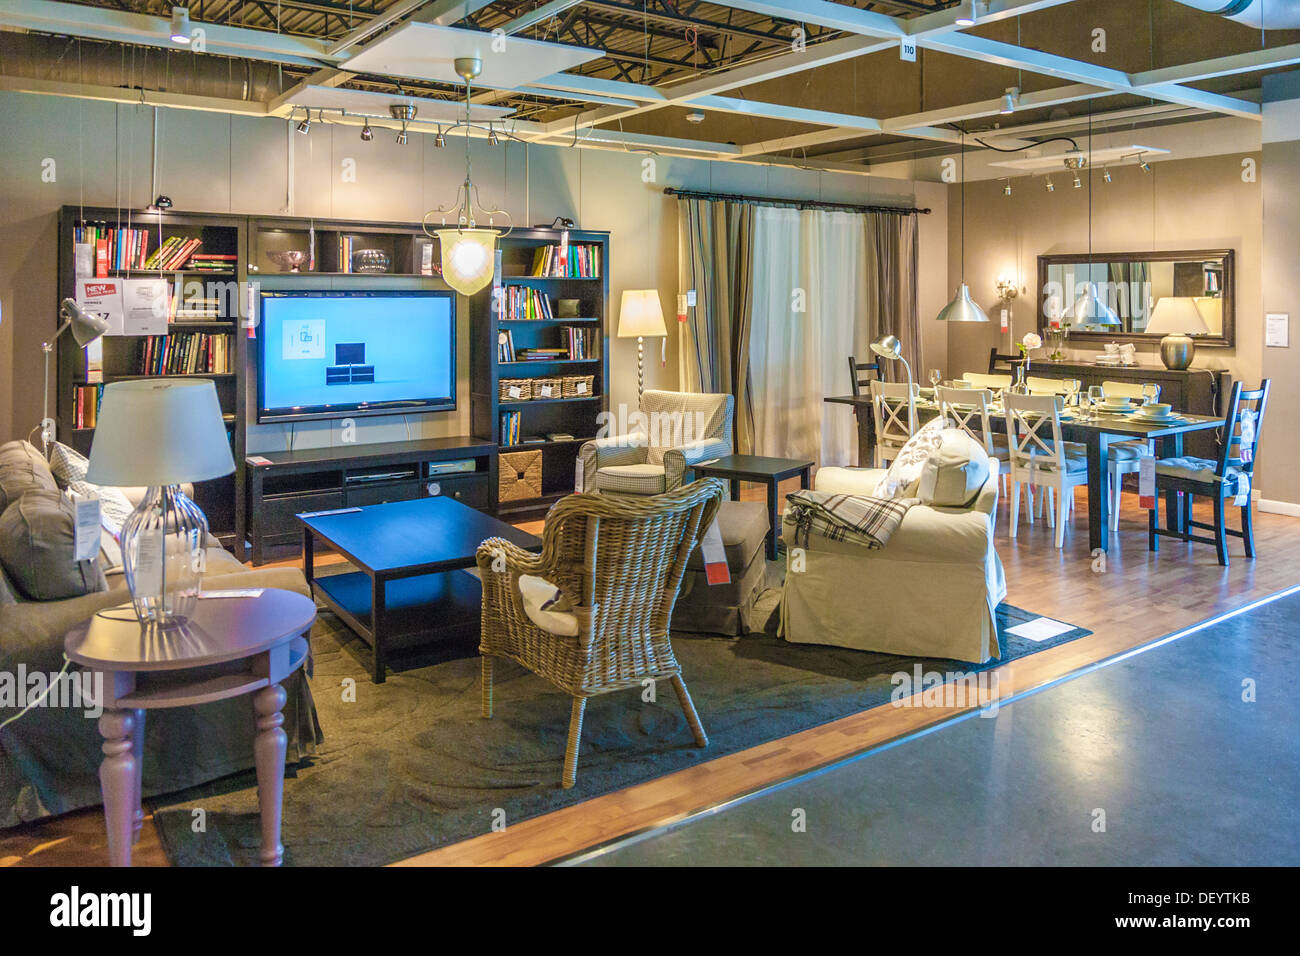 Wohnzimmer Und Esszimmer Einrichtung Anzeigen Im IKEA Einrichtungshaus In  Den USA